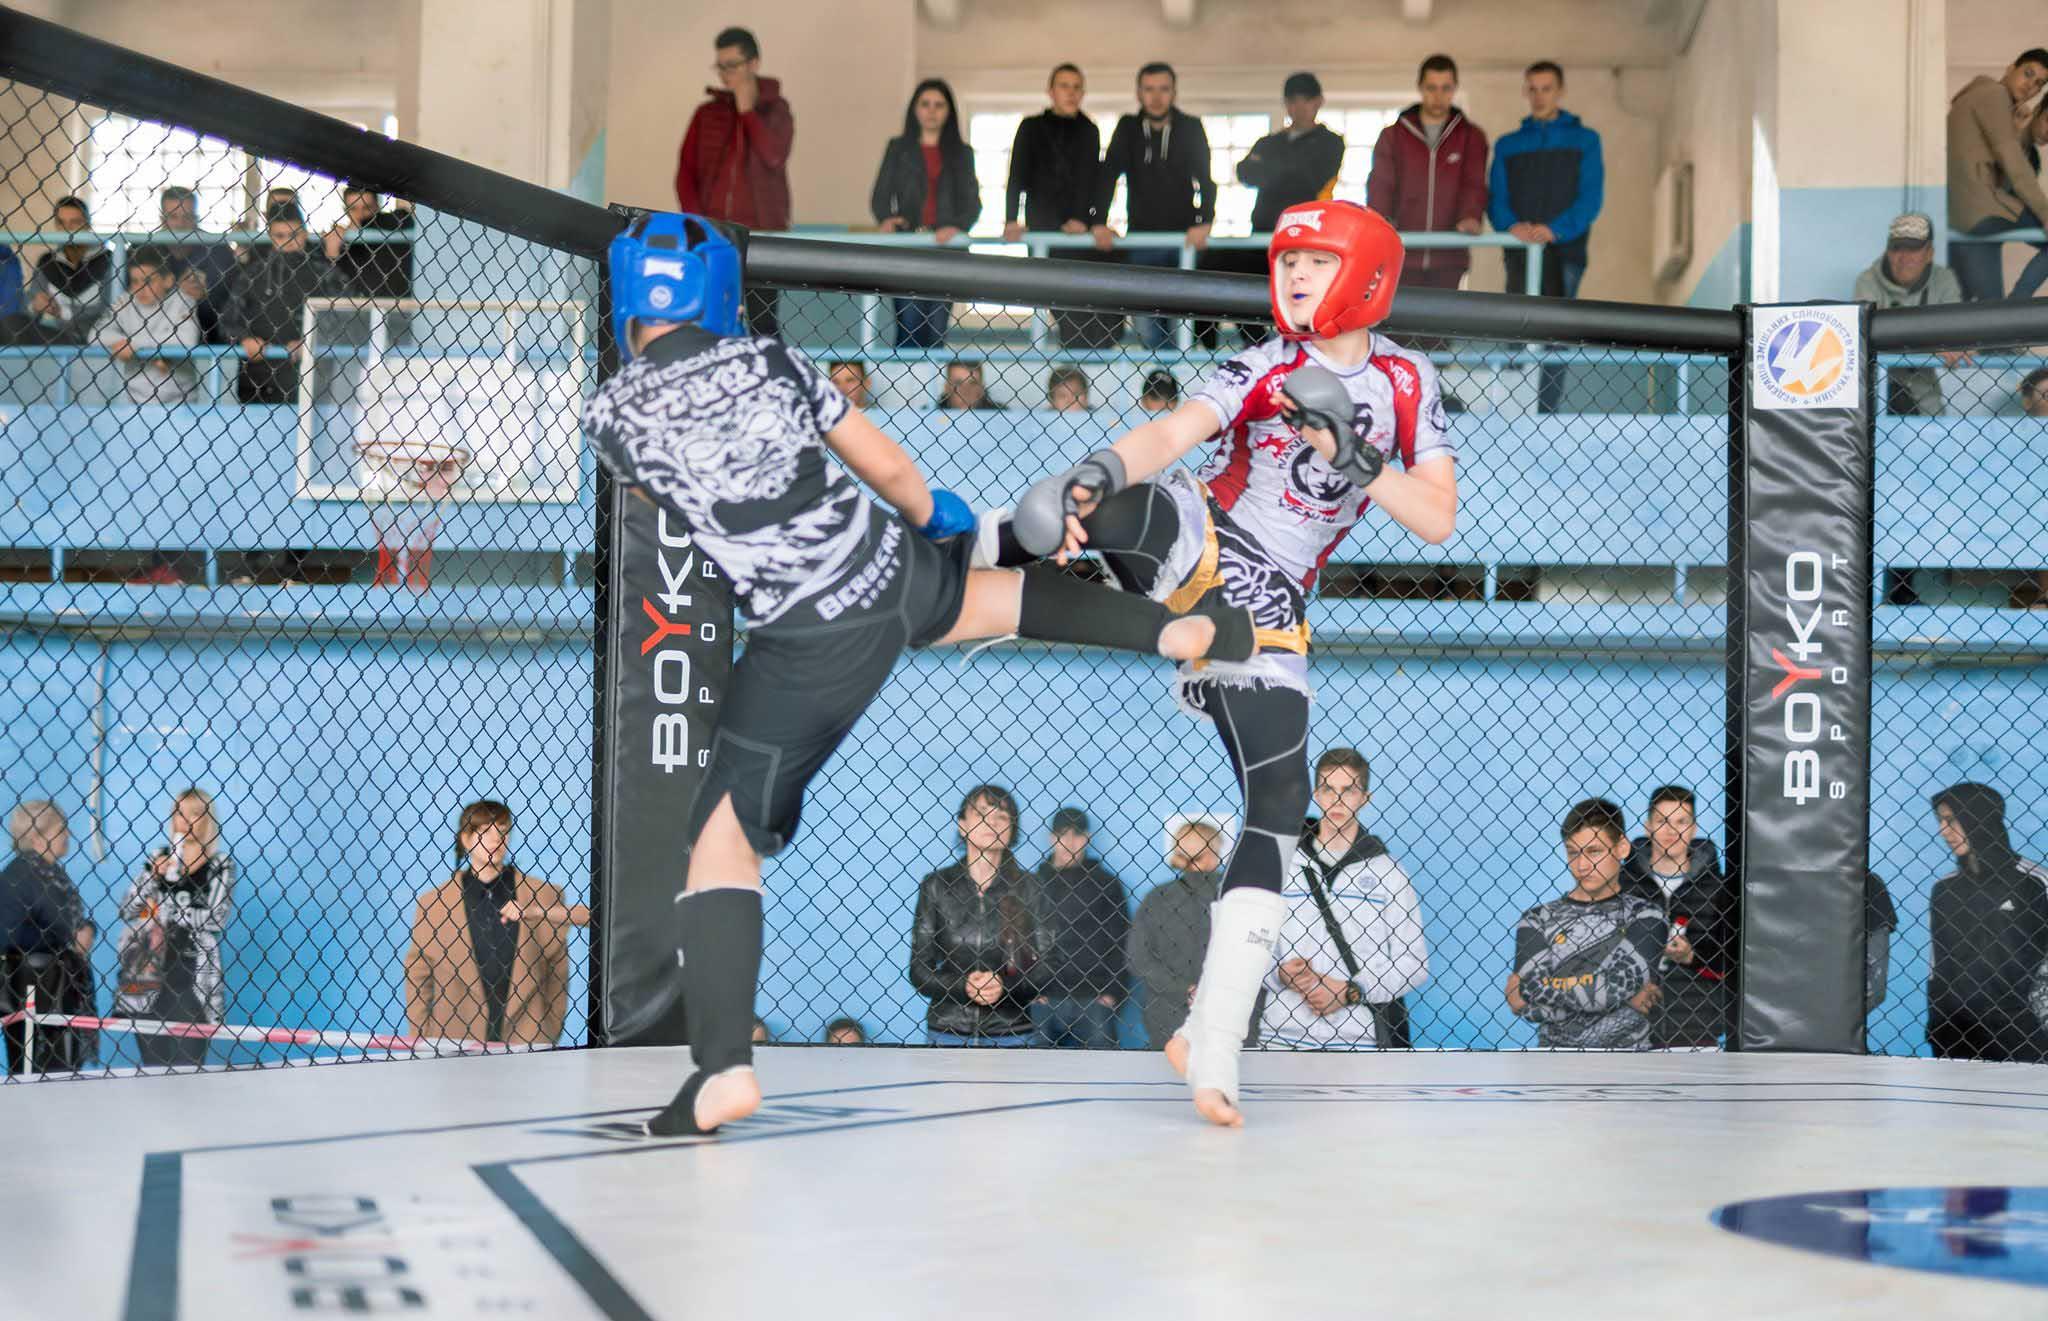 Більше сотні бійців змагалися на Кубку міста зі змішаних єдиноборств (ФОТО)